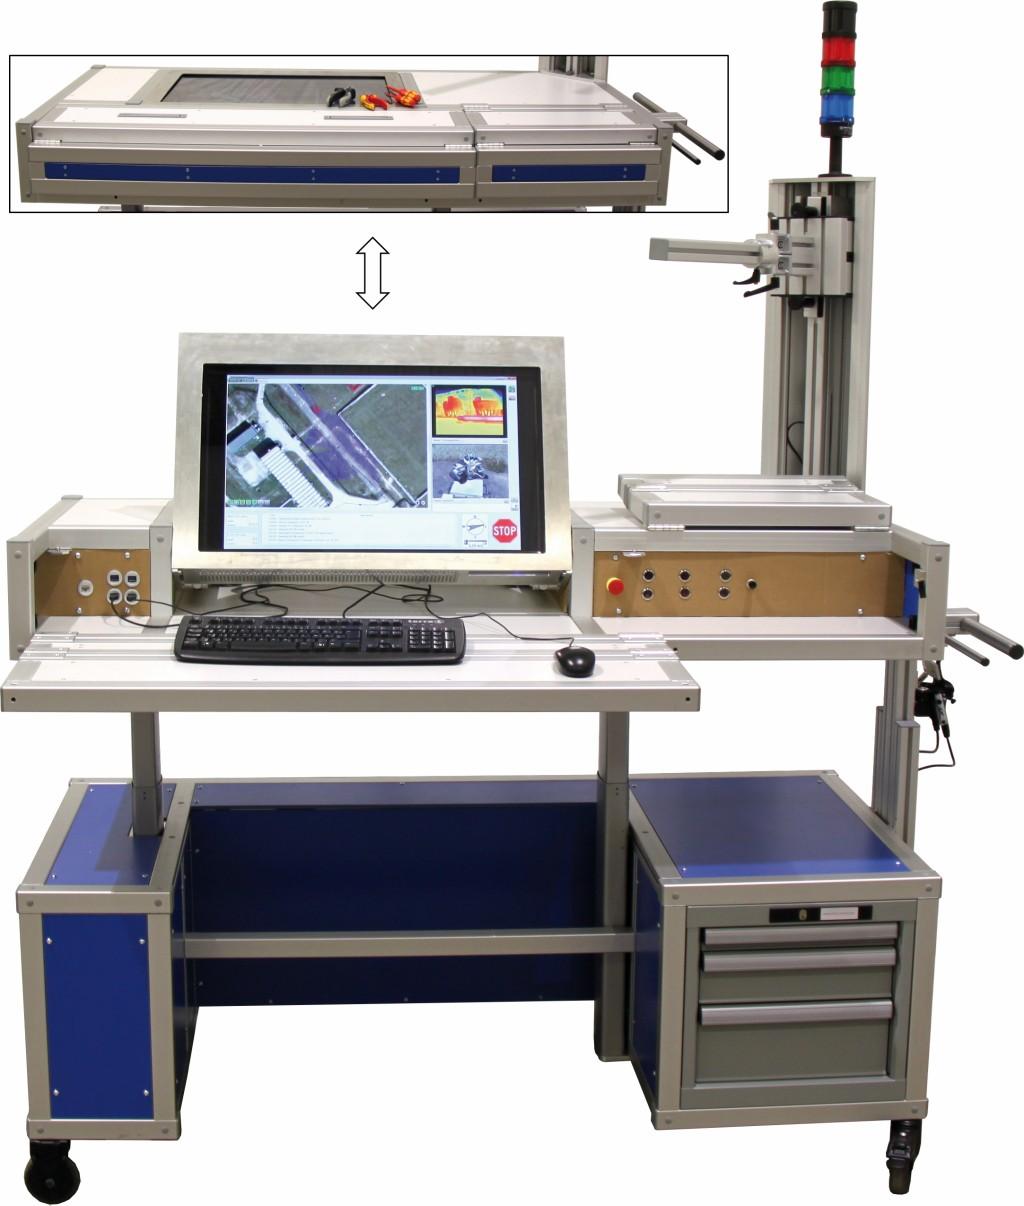 Bild 6 Mobiler Leitstand einsetzbar als Bildschirm- und als Montagearbeitsplatz. Quelle: Uni Kassel /Fraunhofer FKIE